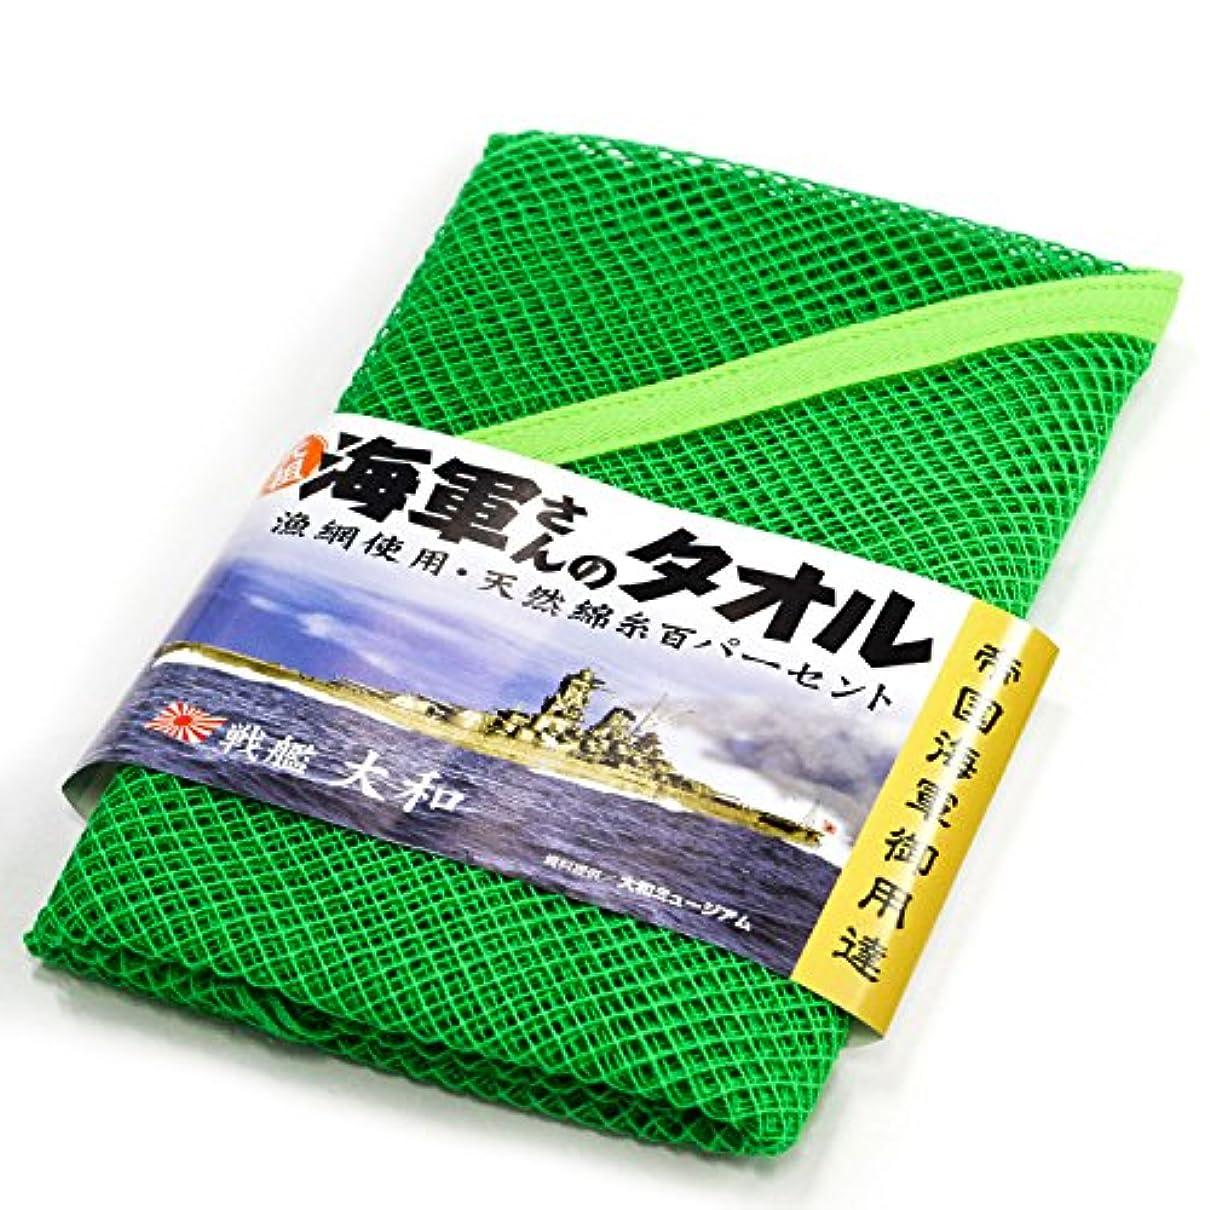 ウィンク寛解降臨漁網タオル【元祖 海軍さんのタオル(グリーン)】